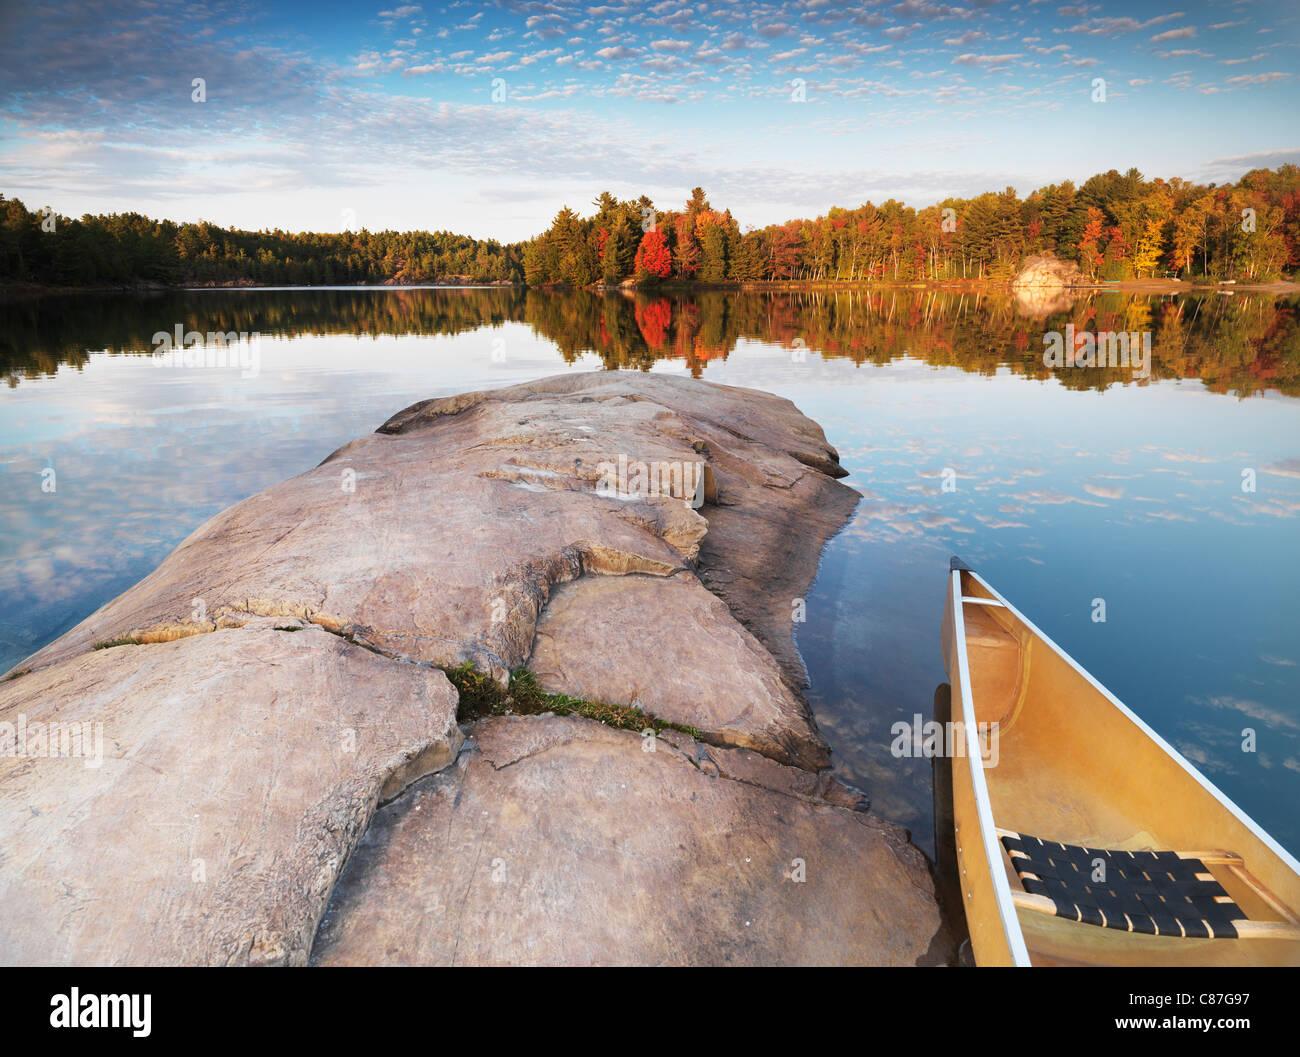 Canoa a una spiaggia rocciosa di Lake George. Bel tramonto rientrano la natura paesaggio. Killarney Provincial Park, Ontario, Canada. Foto Stock